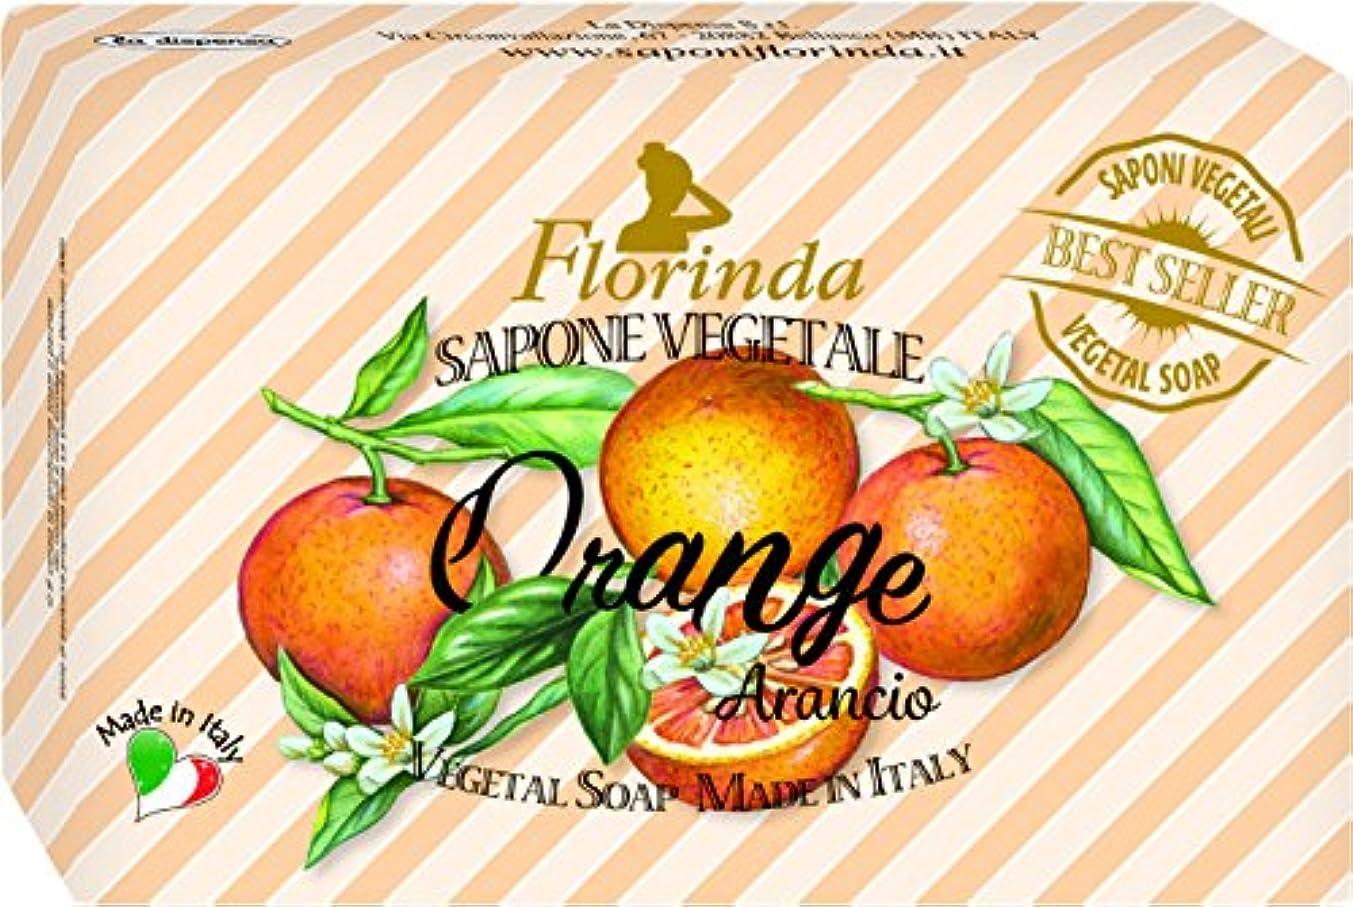 真面目な角度視聴者フレグランスソープ ベストセラーシリーズ オレンジ